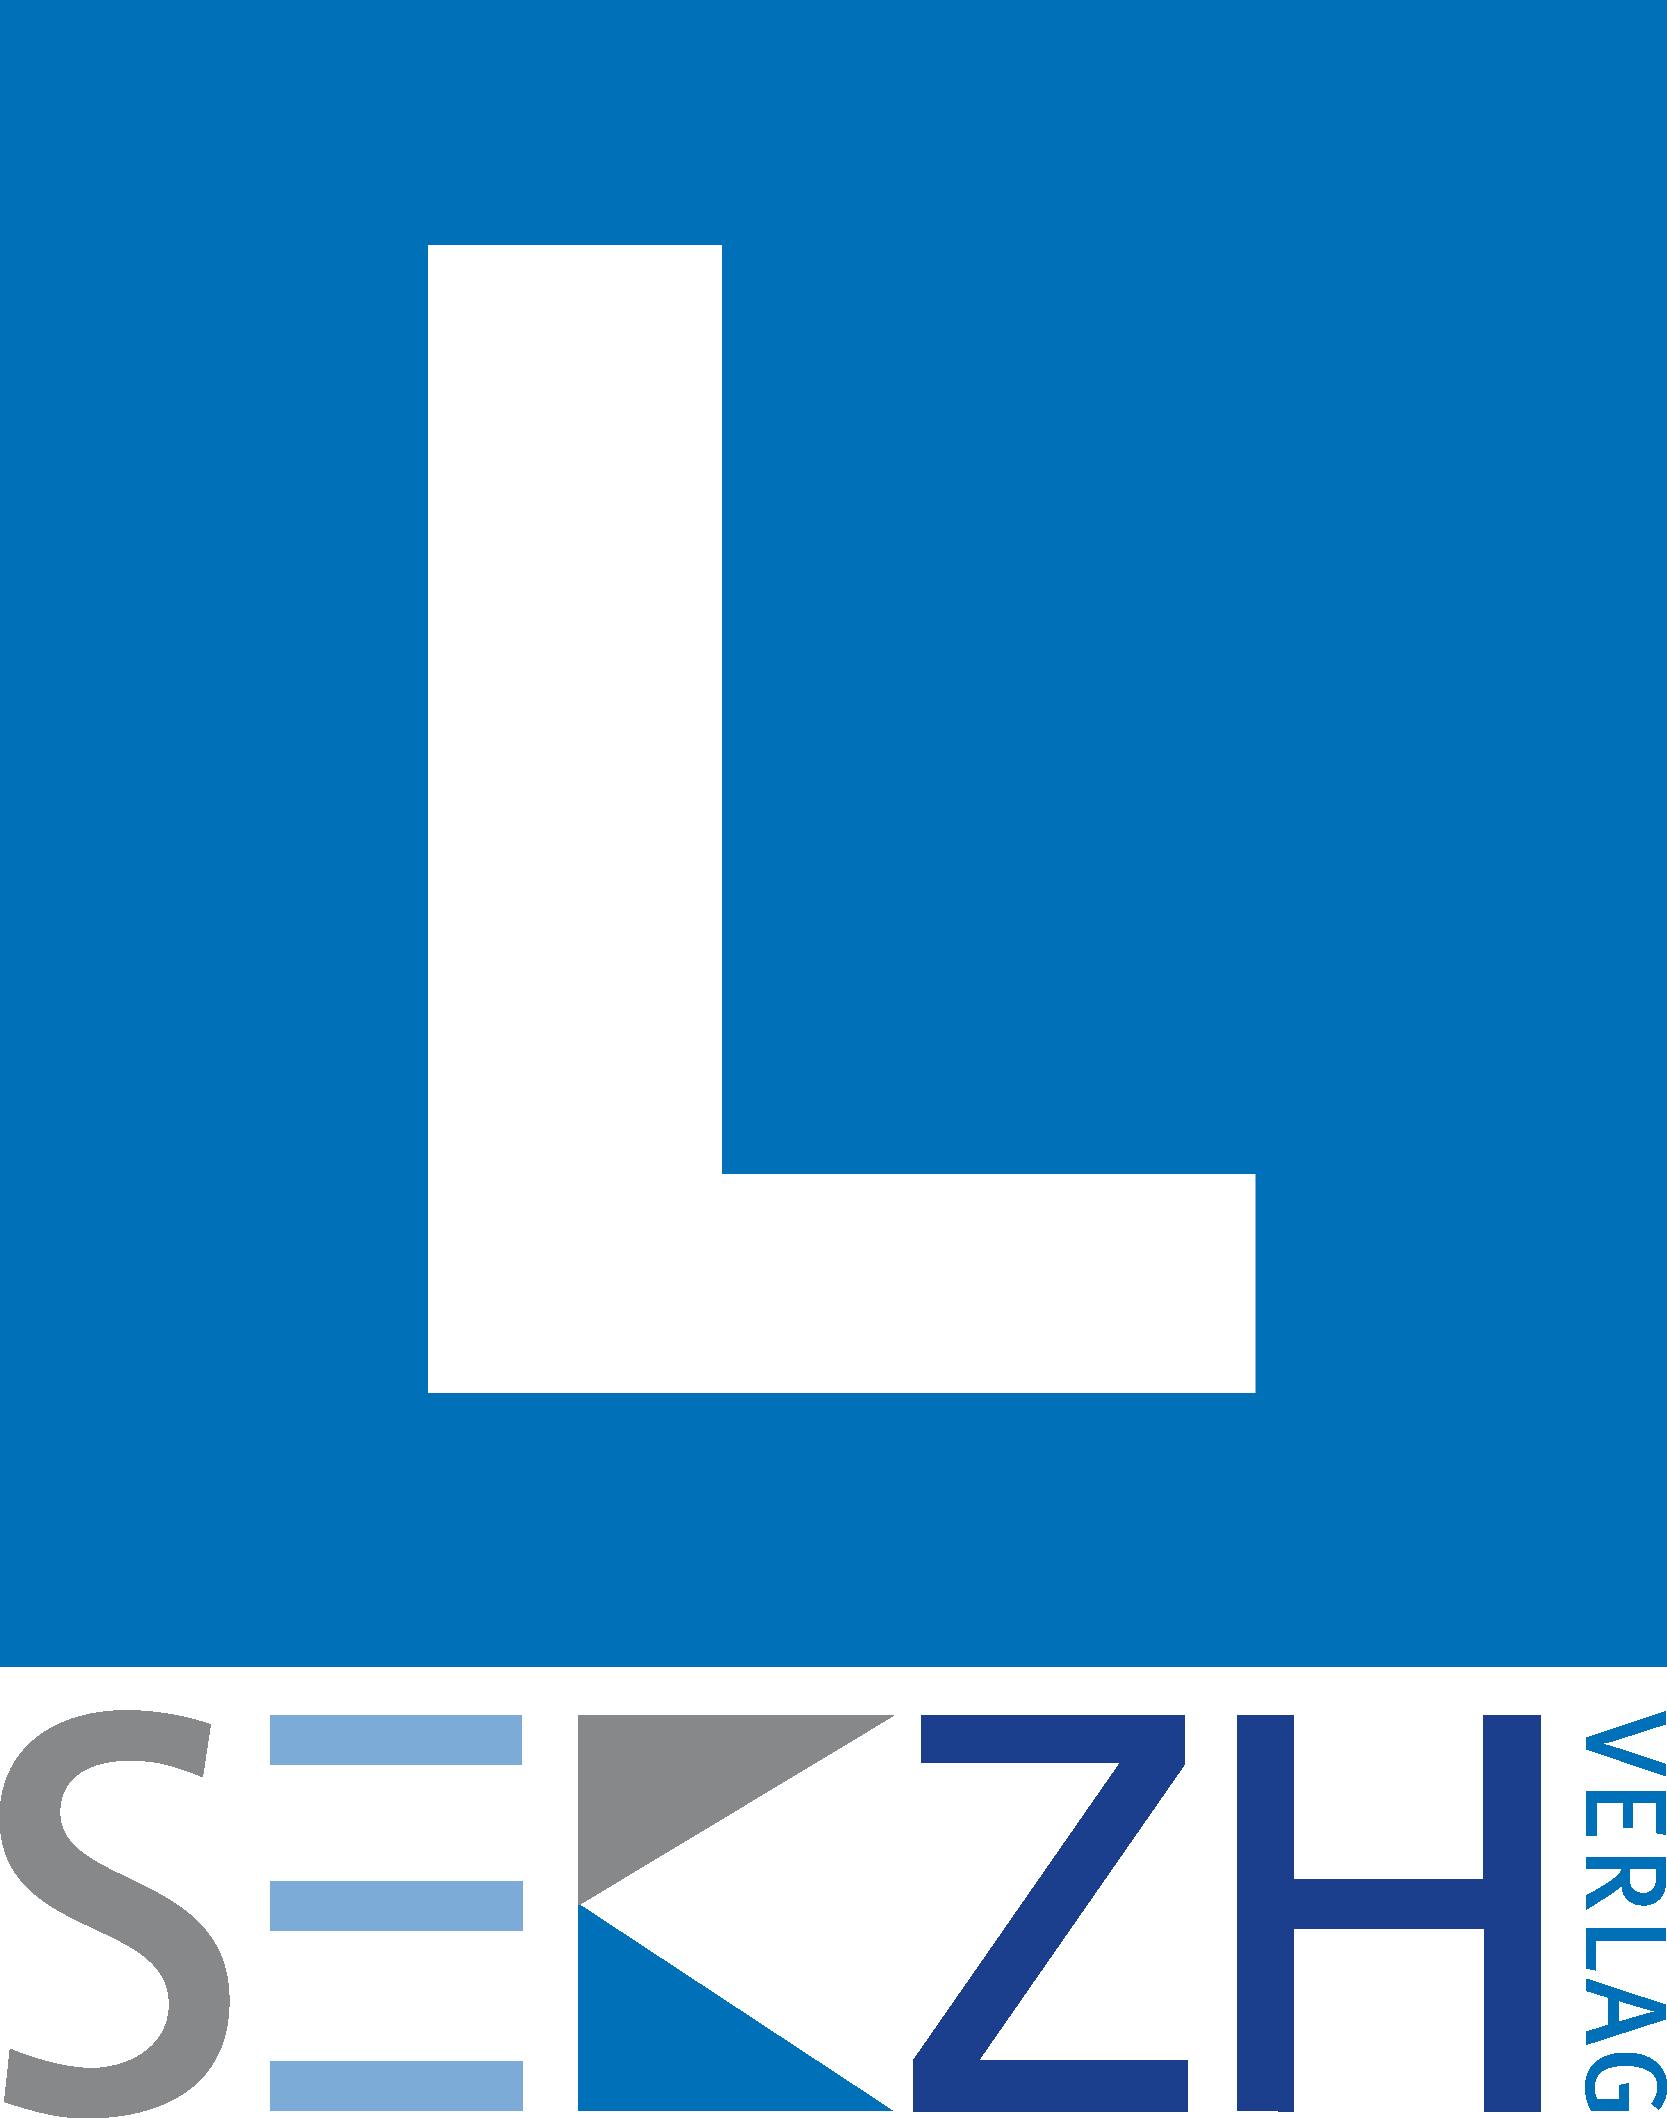 Lernplattform SekZH - Testversion bis zu den Sommerferien 2019